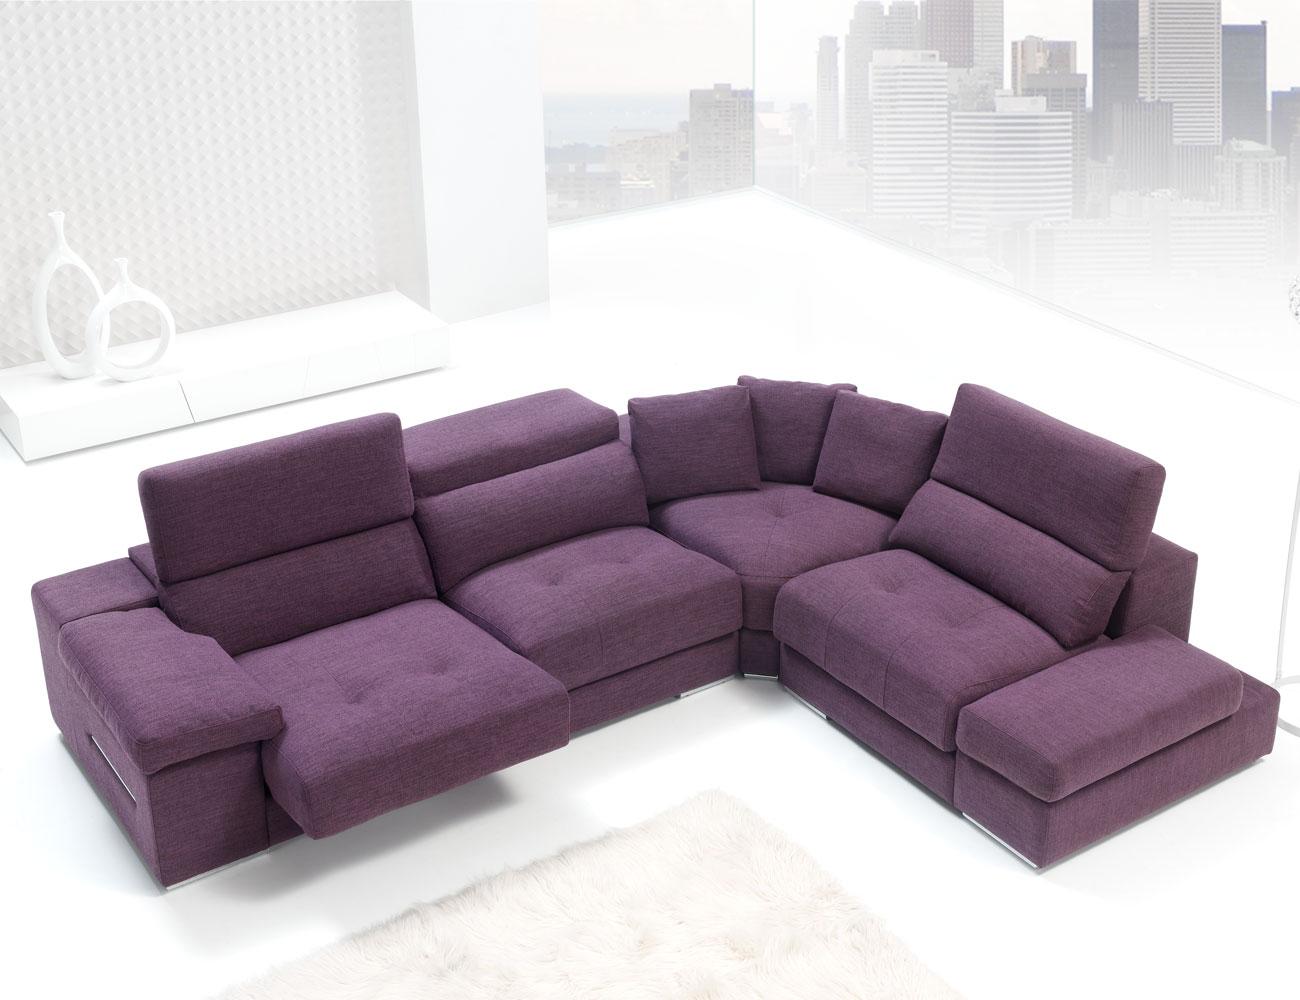 Sofa chaiselongue rincon con brazo mecanico tejido anti manchas 244